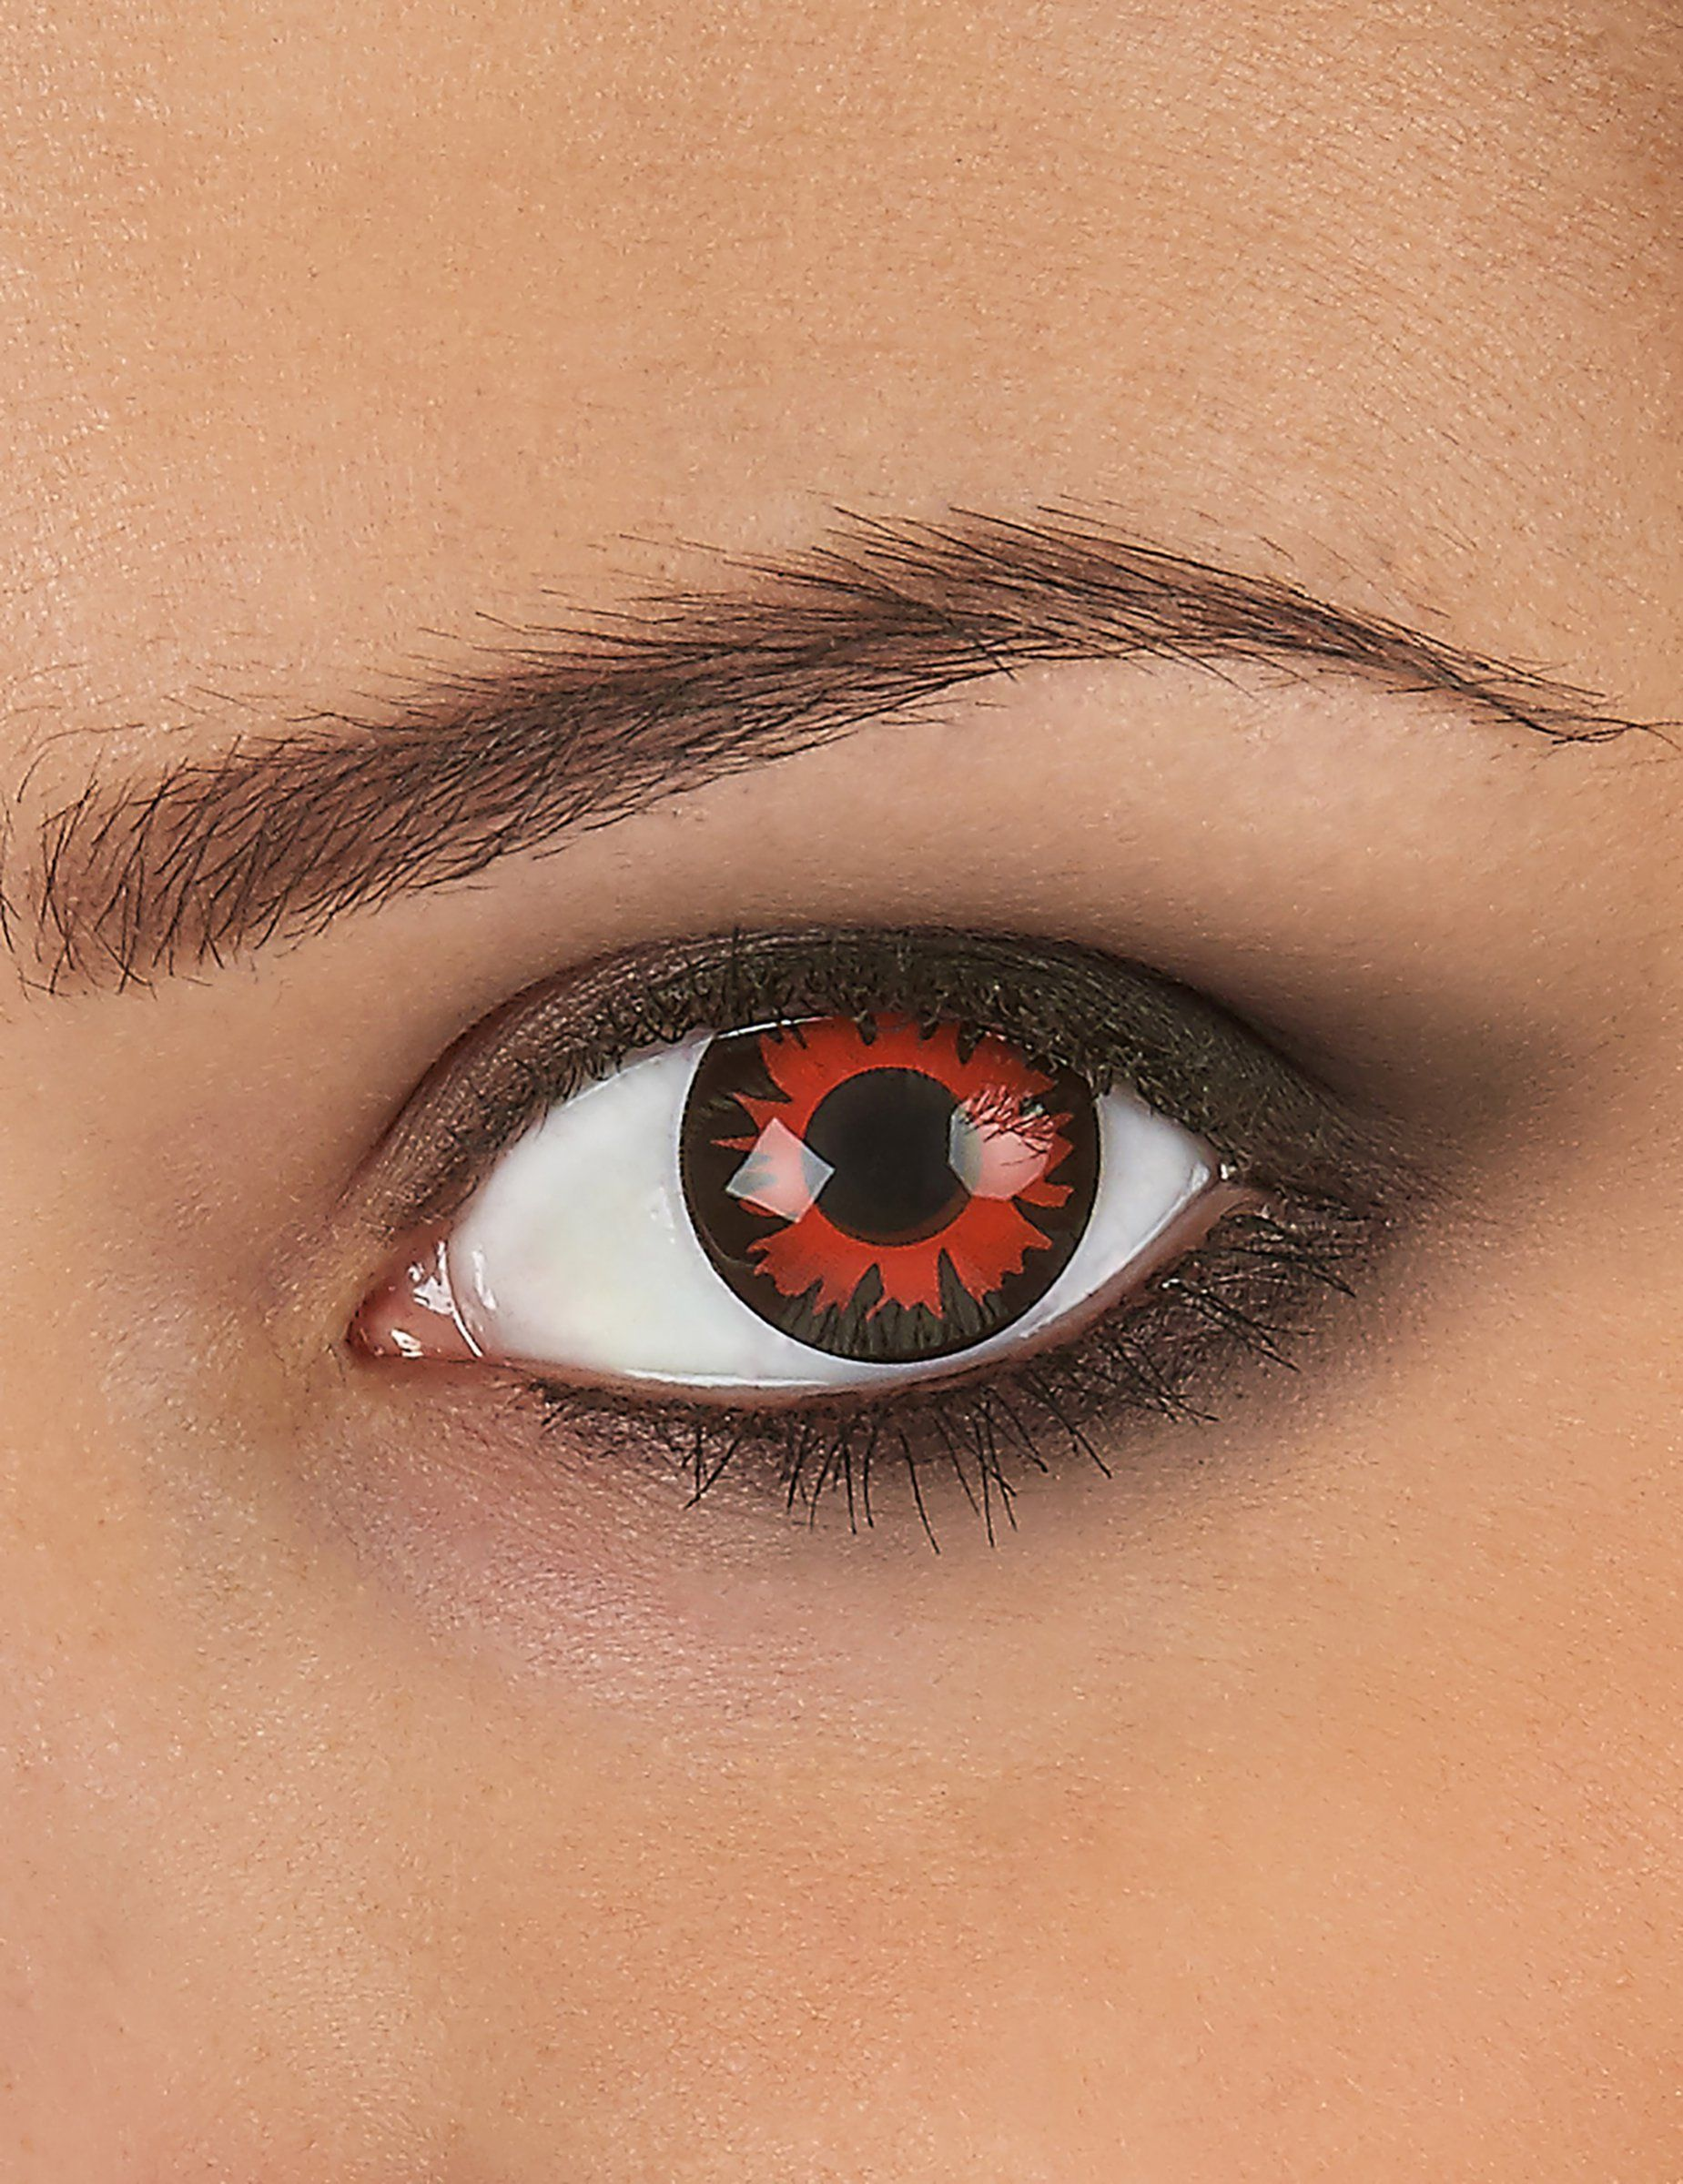 aceb086ded Lentes de contacto de fantasía de color rojo y negro especiales para  Halloween y Carnaval